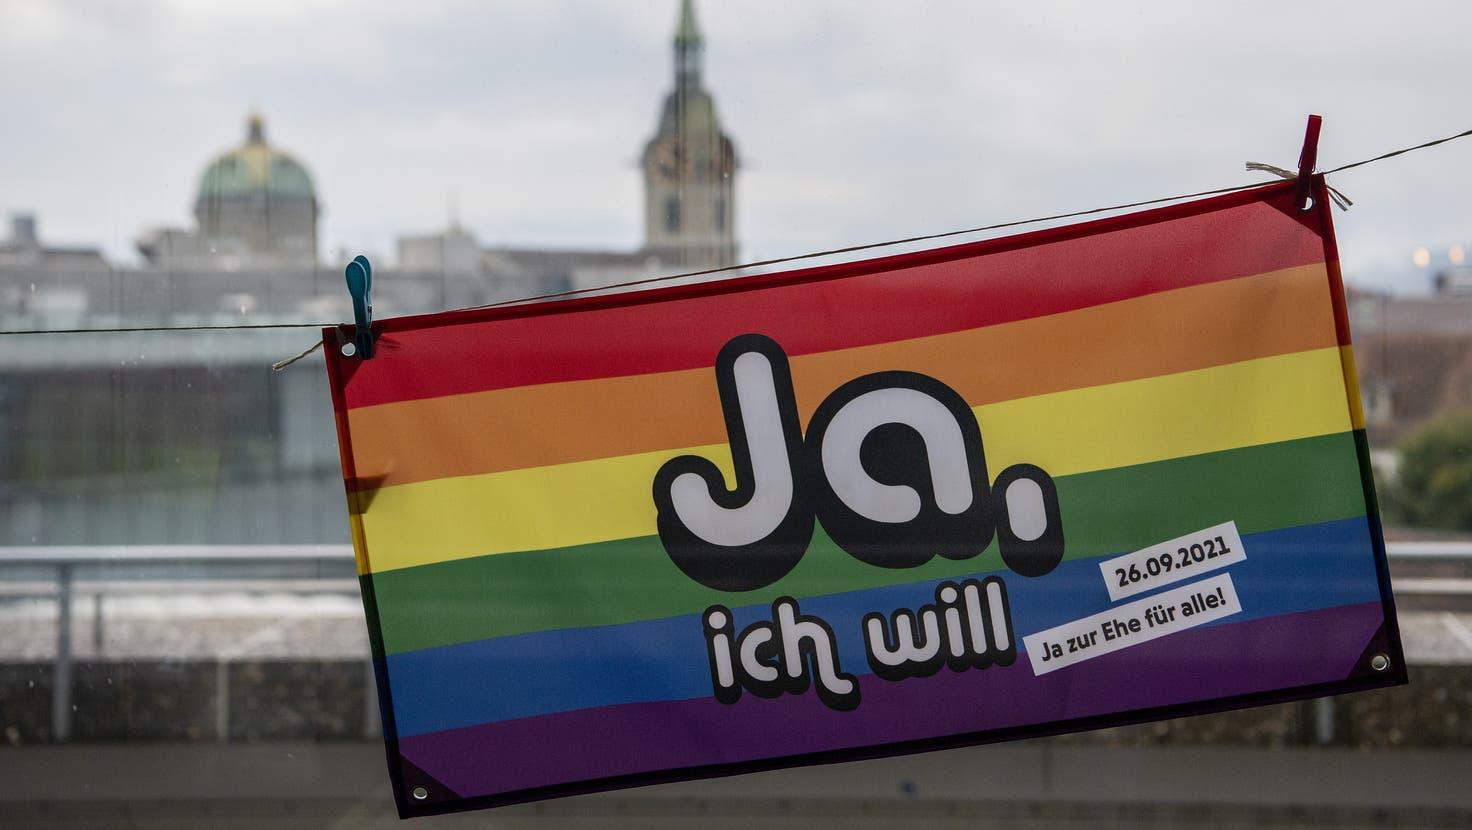 Bundesrätin Keller-Sutter: «Wer sich liebt, soll heiraten dürfen» ++ «Ehe für alle» klar angenommen,99 Prozent-Initiative gescheitert